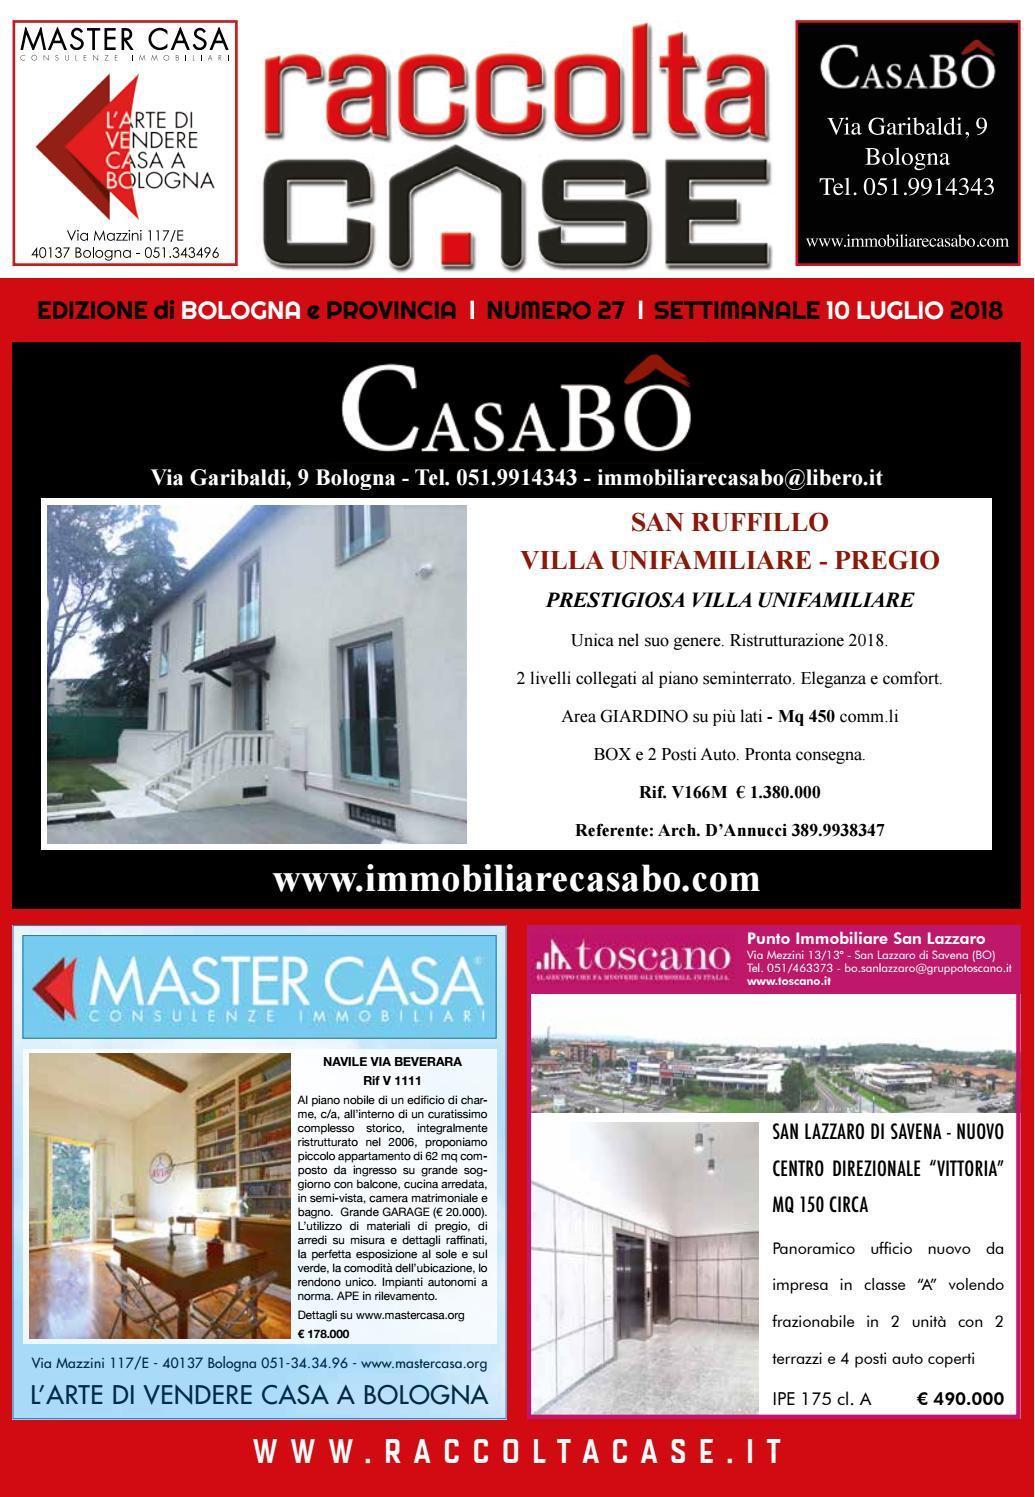 Spazio Vitale Studio Immobiliare raccoltacase bologna 27 - 2018 by publidok s.r.l. - issuu